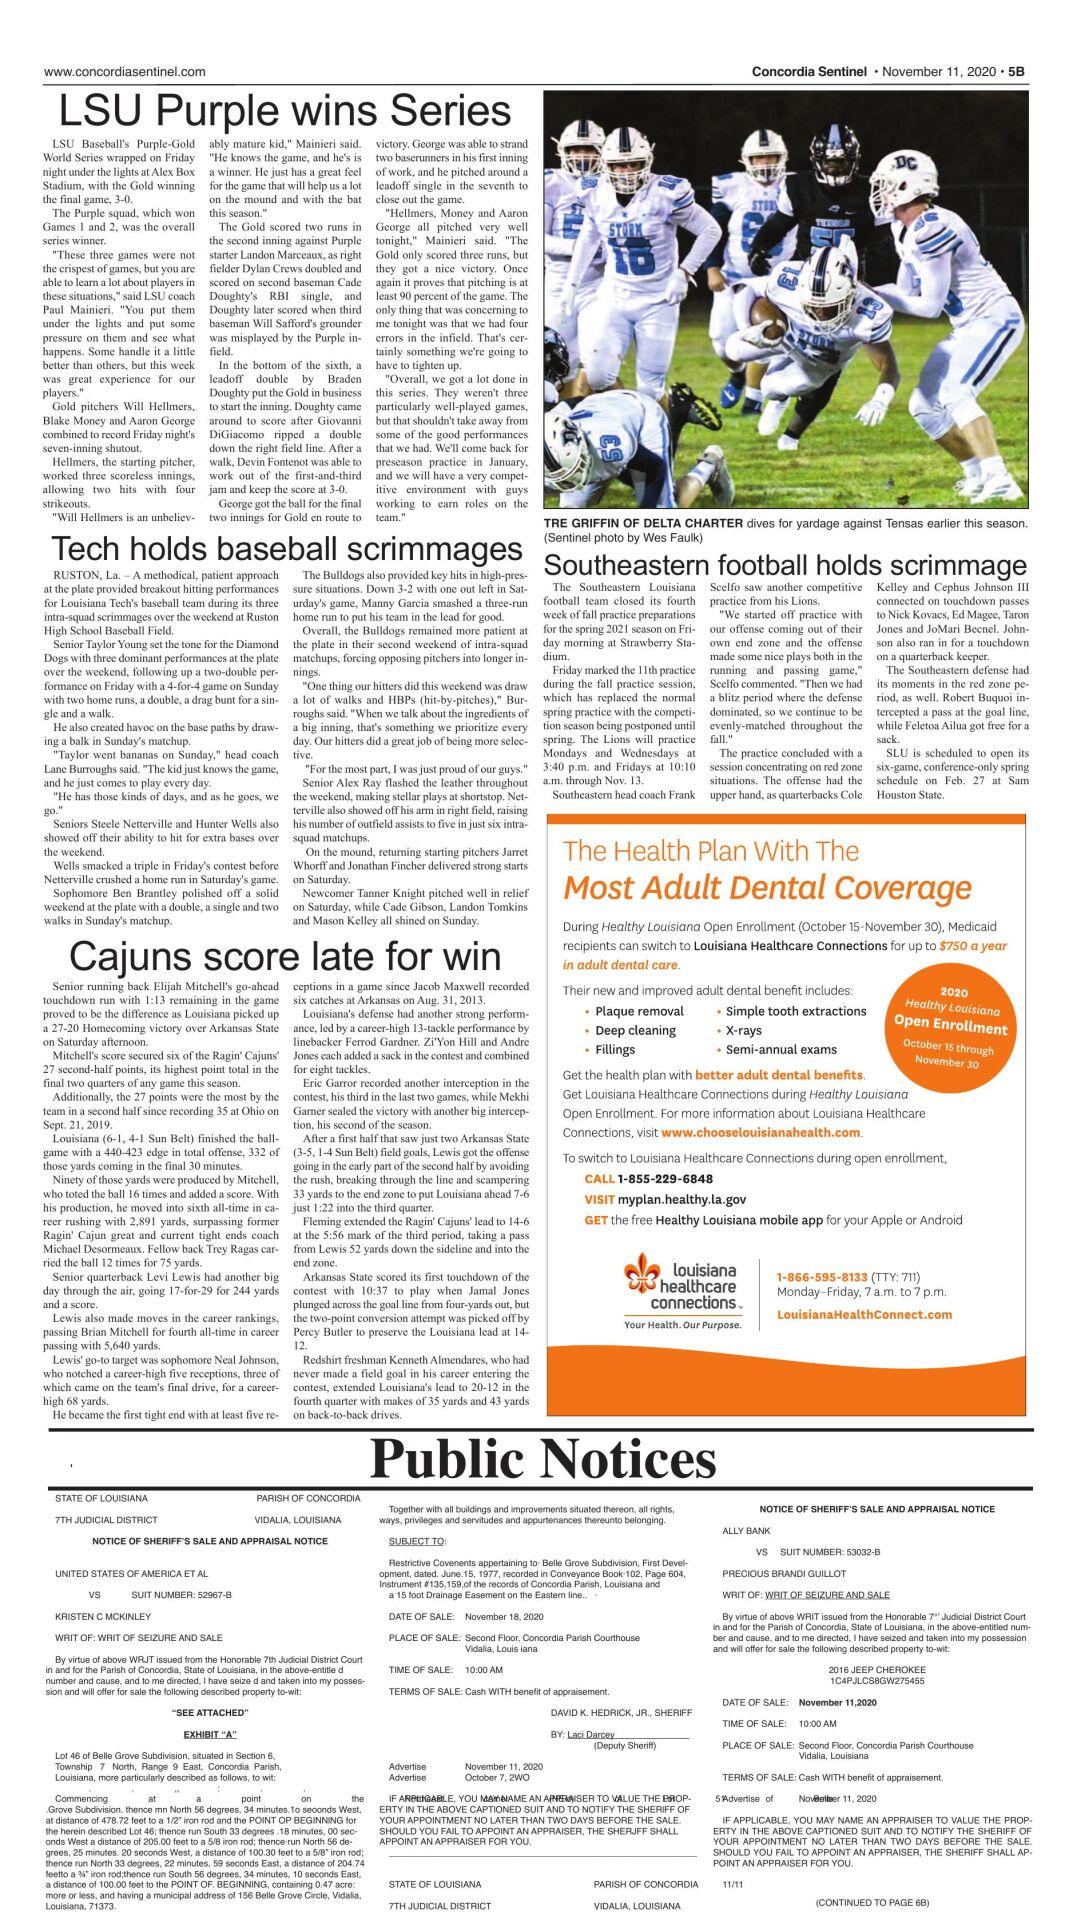 Public Notices - Nov. 11, 2020